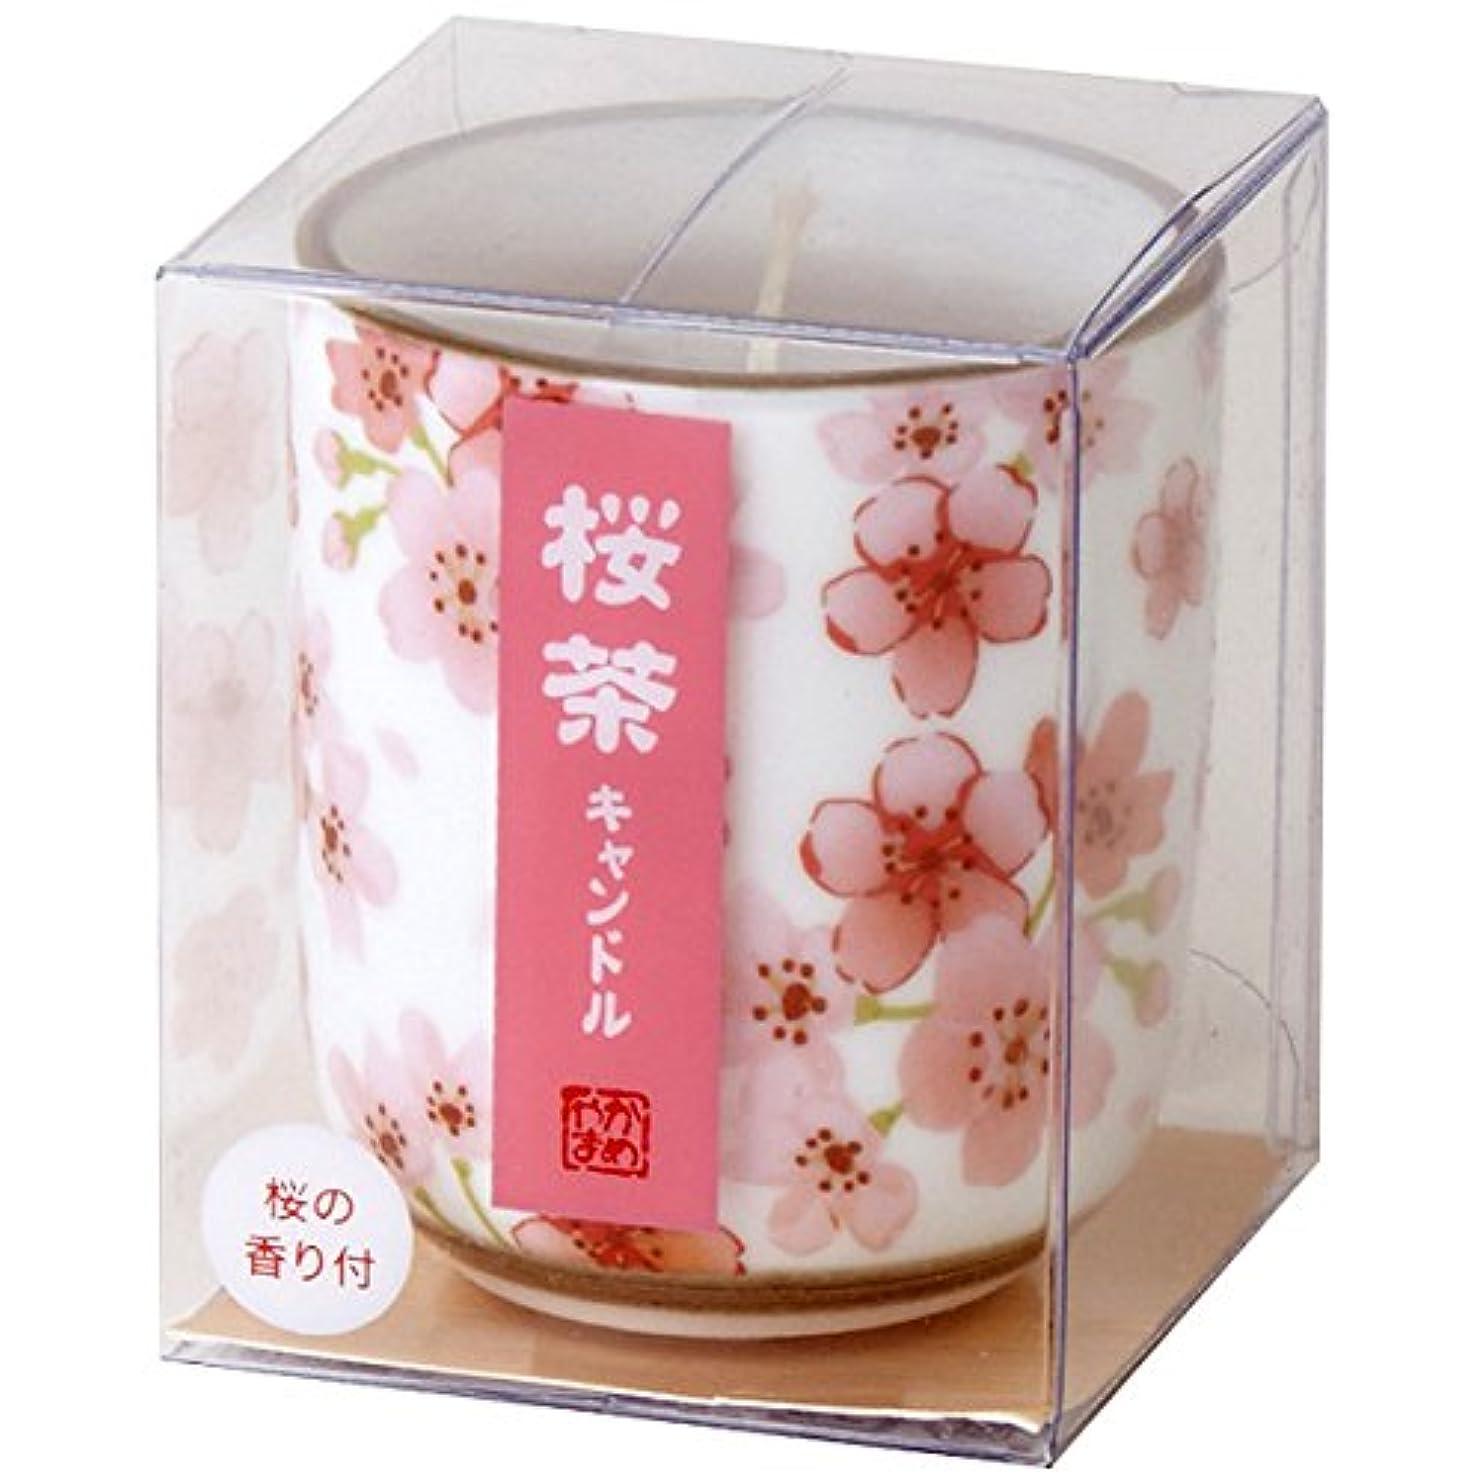 植物学インフルエンザ北東桜茶キャンドル(小) 86580010